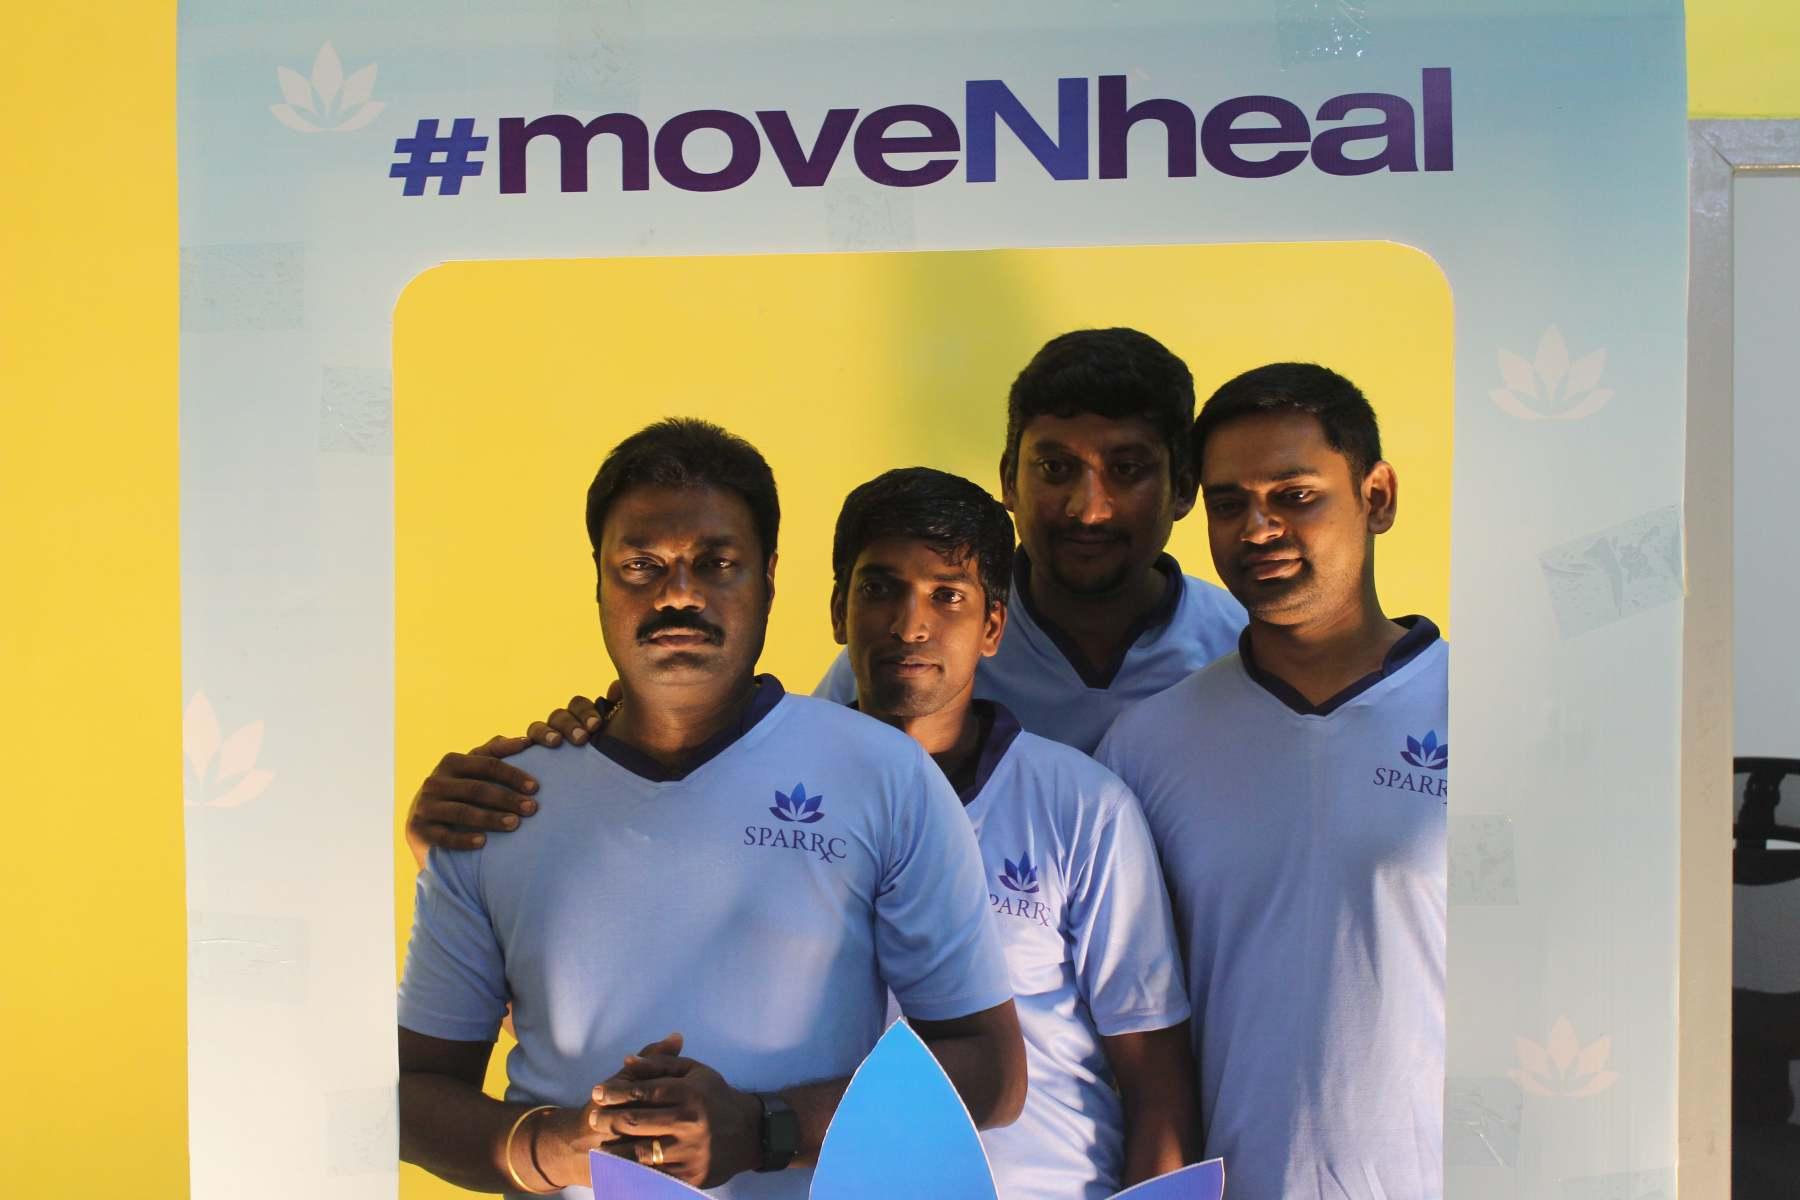 #moveNheal Selfie frame